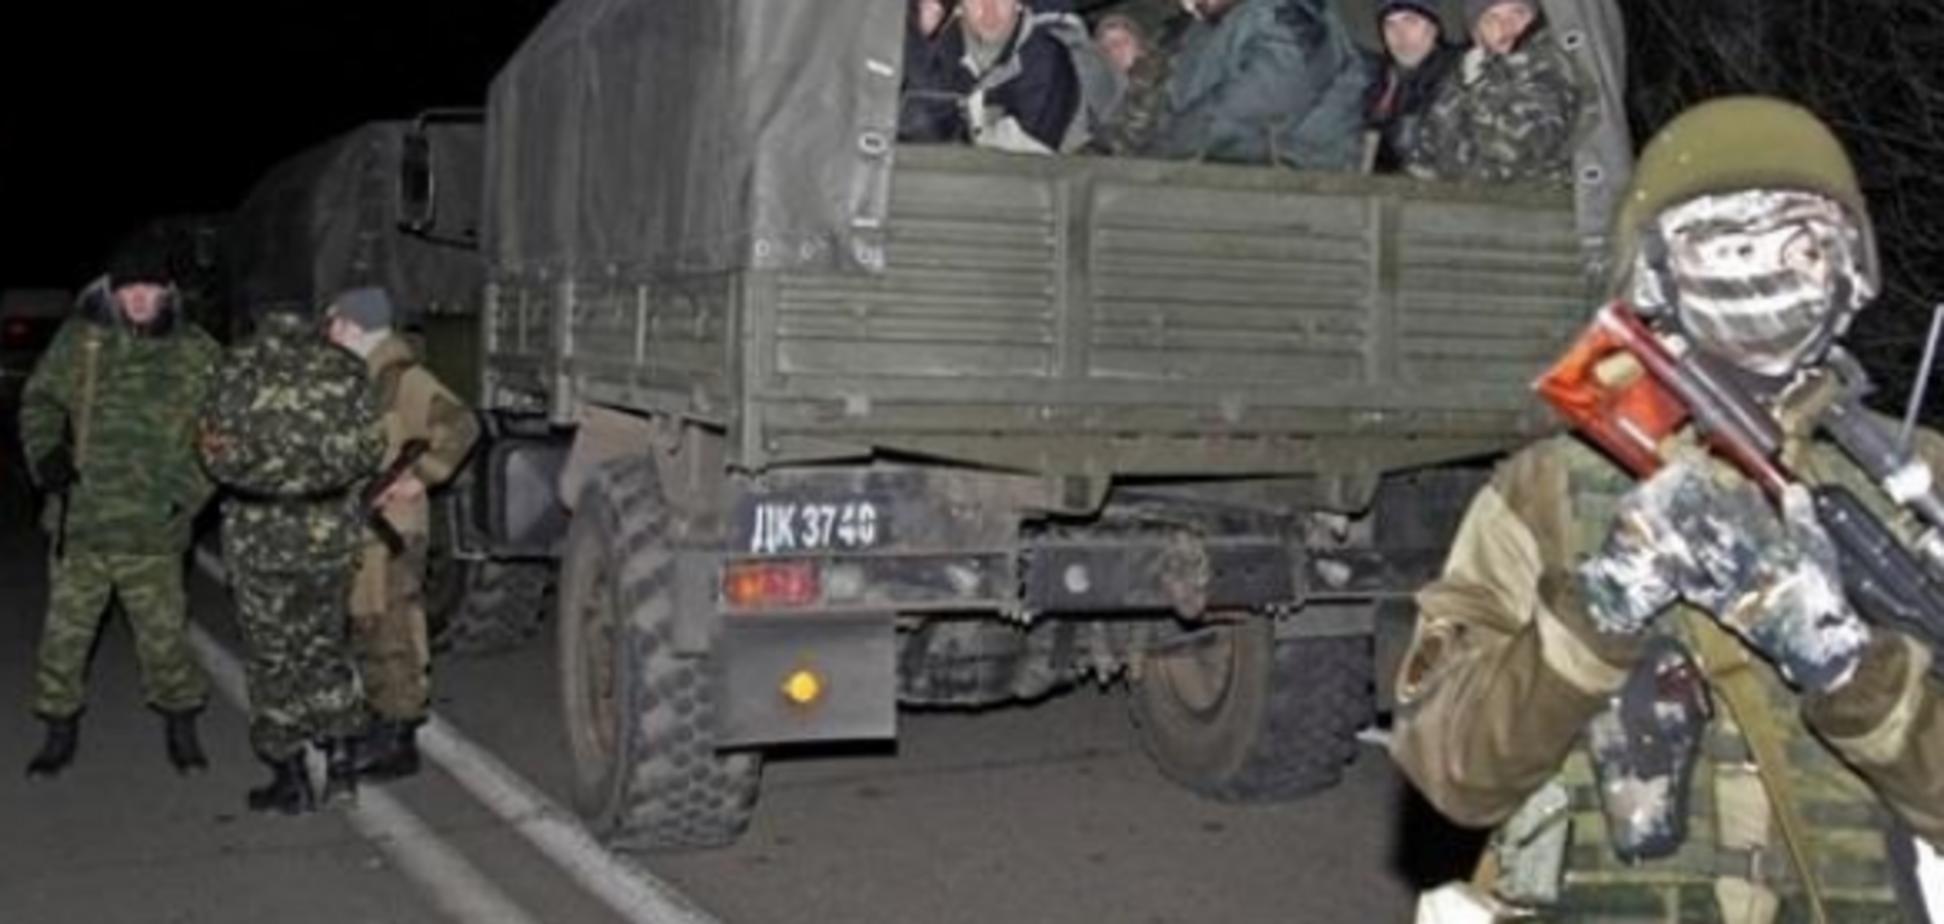 'Вернусь служить': пленный украинский воин сделал смелое признание перед террористами 'ЛНР'